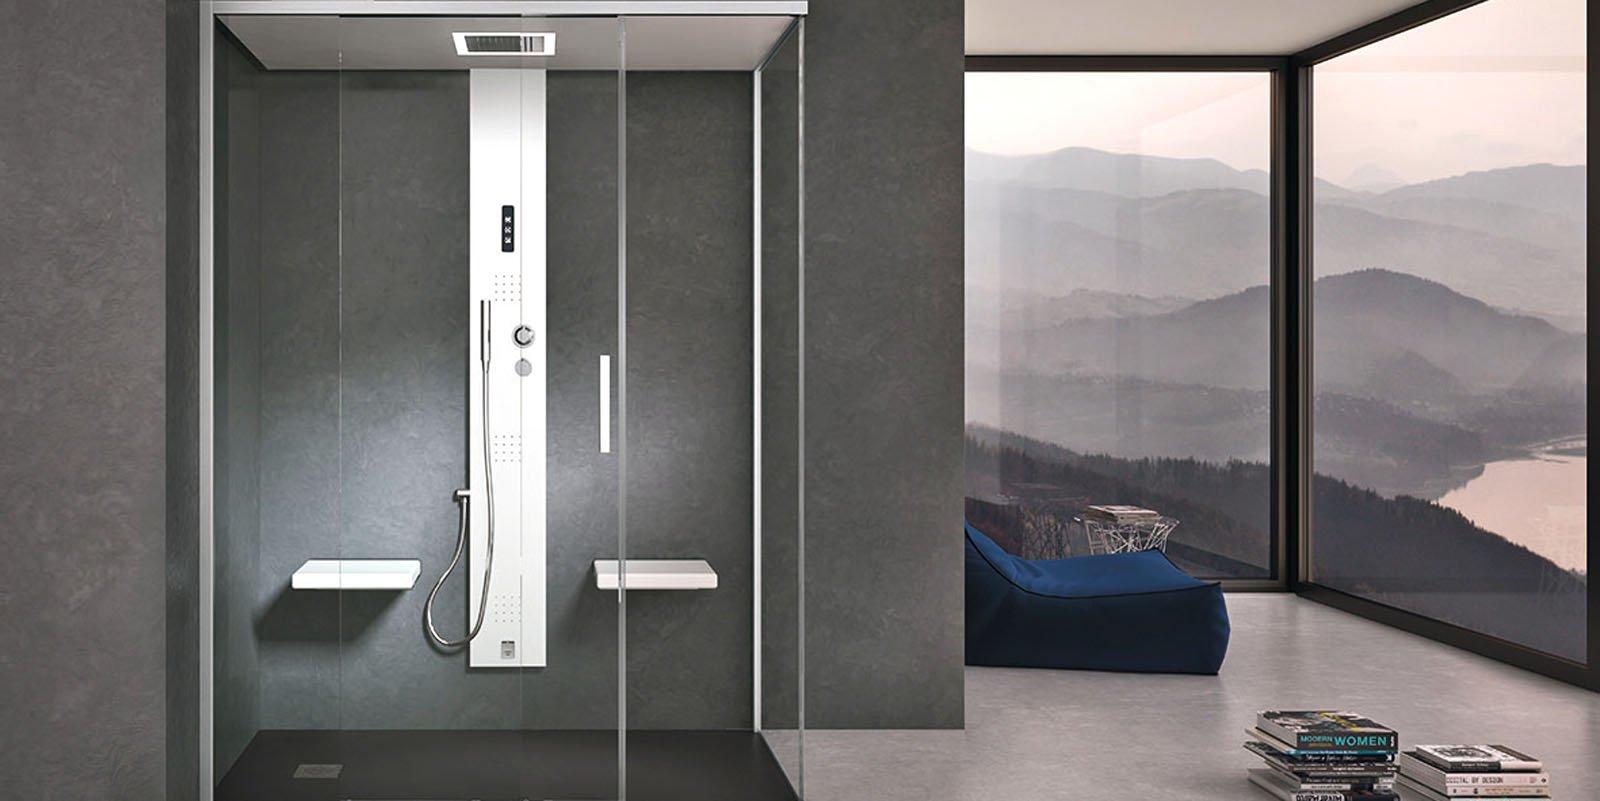 Il bagno turco nella cabina doccia design minimal di una soluzione 2 in 1 cose di casa - Cabina doccia muratura ...